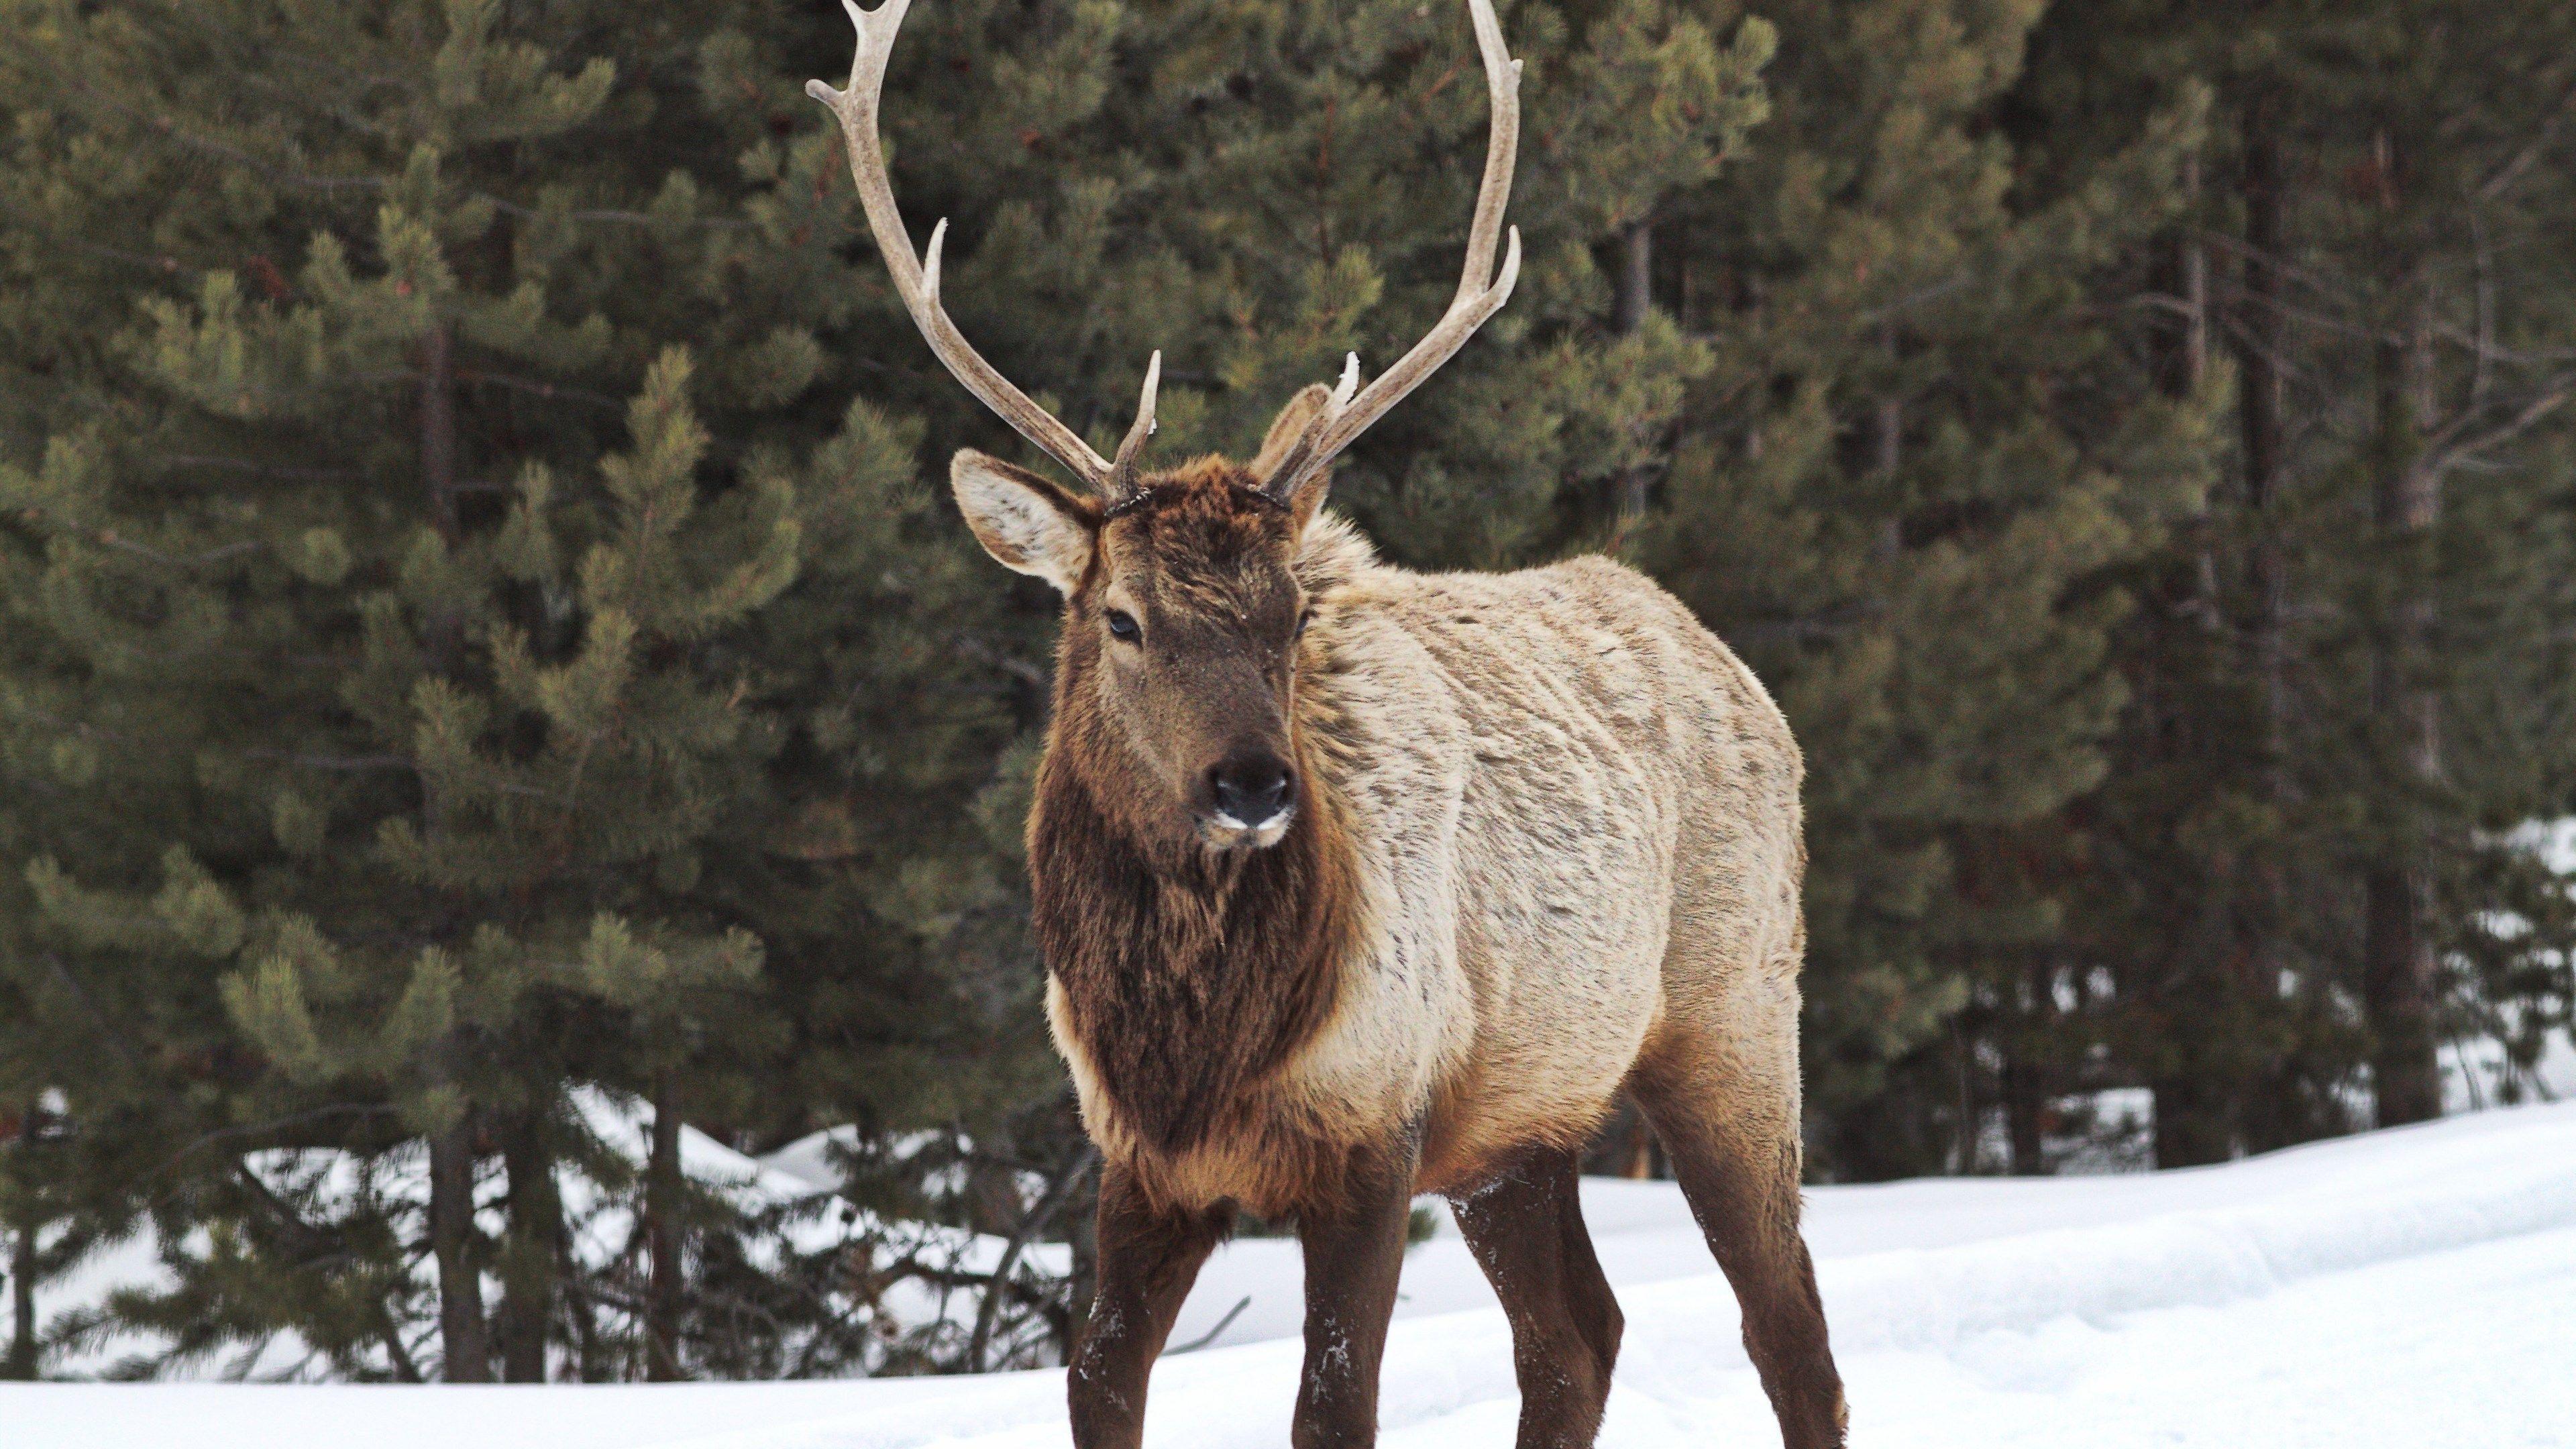 Bull elk wallpapers top free bull elk backgrounds wallpaperaccess - Elk hunting wallpaper ...